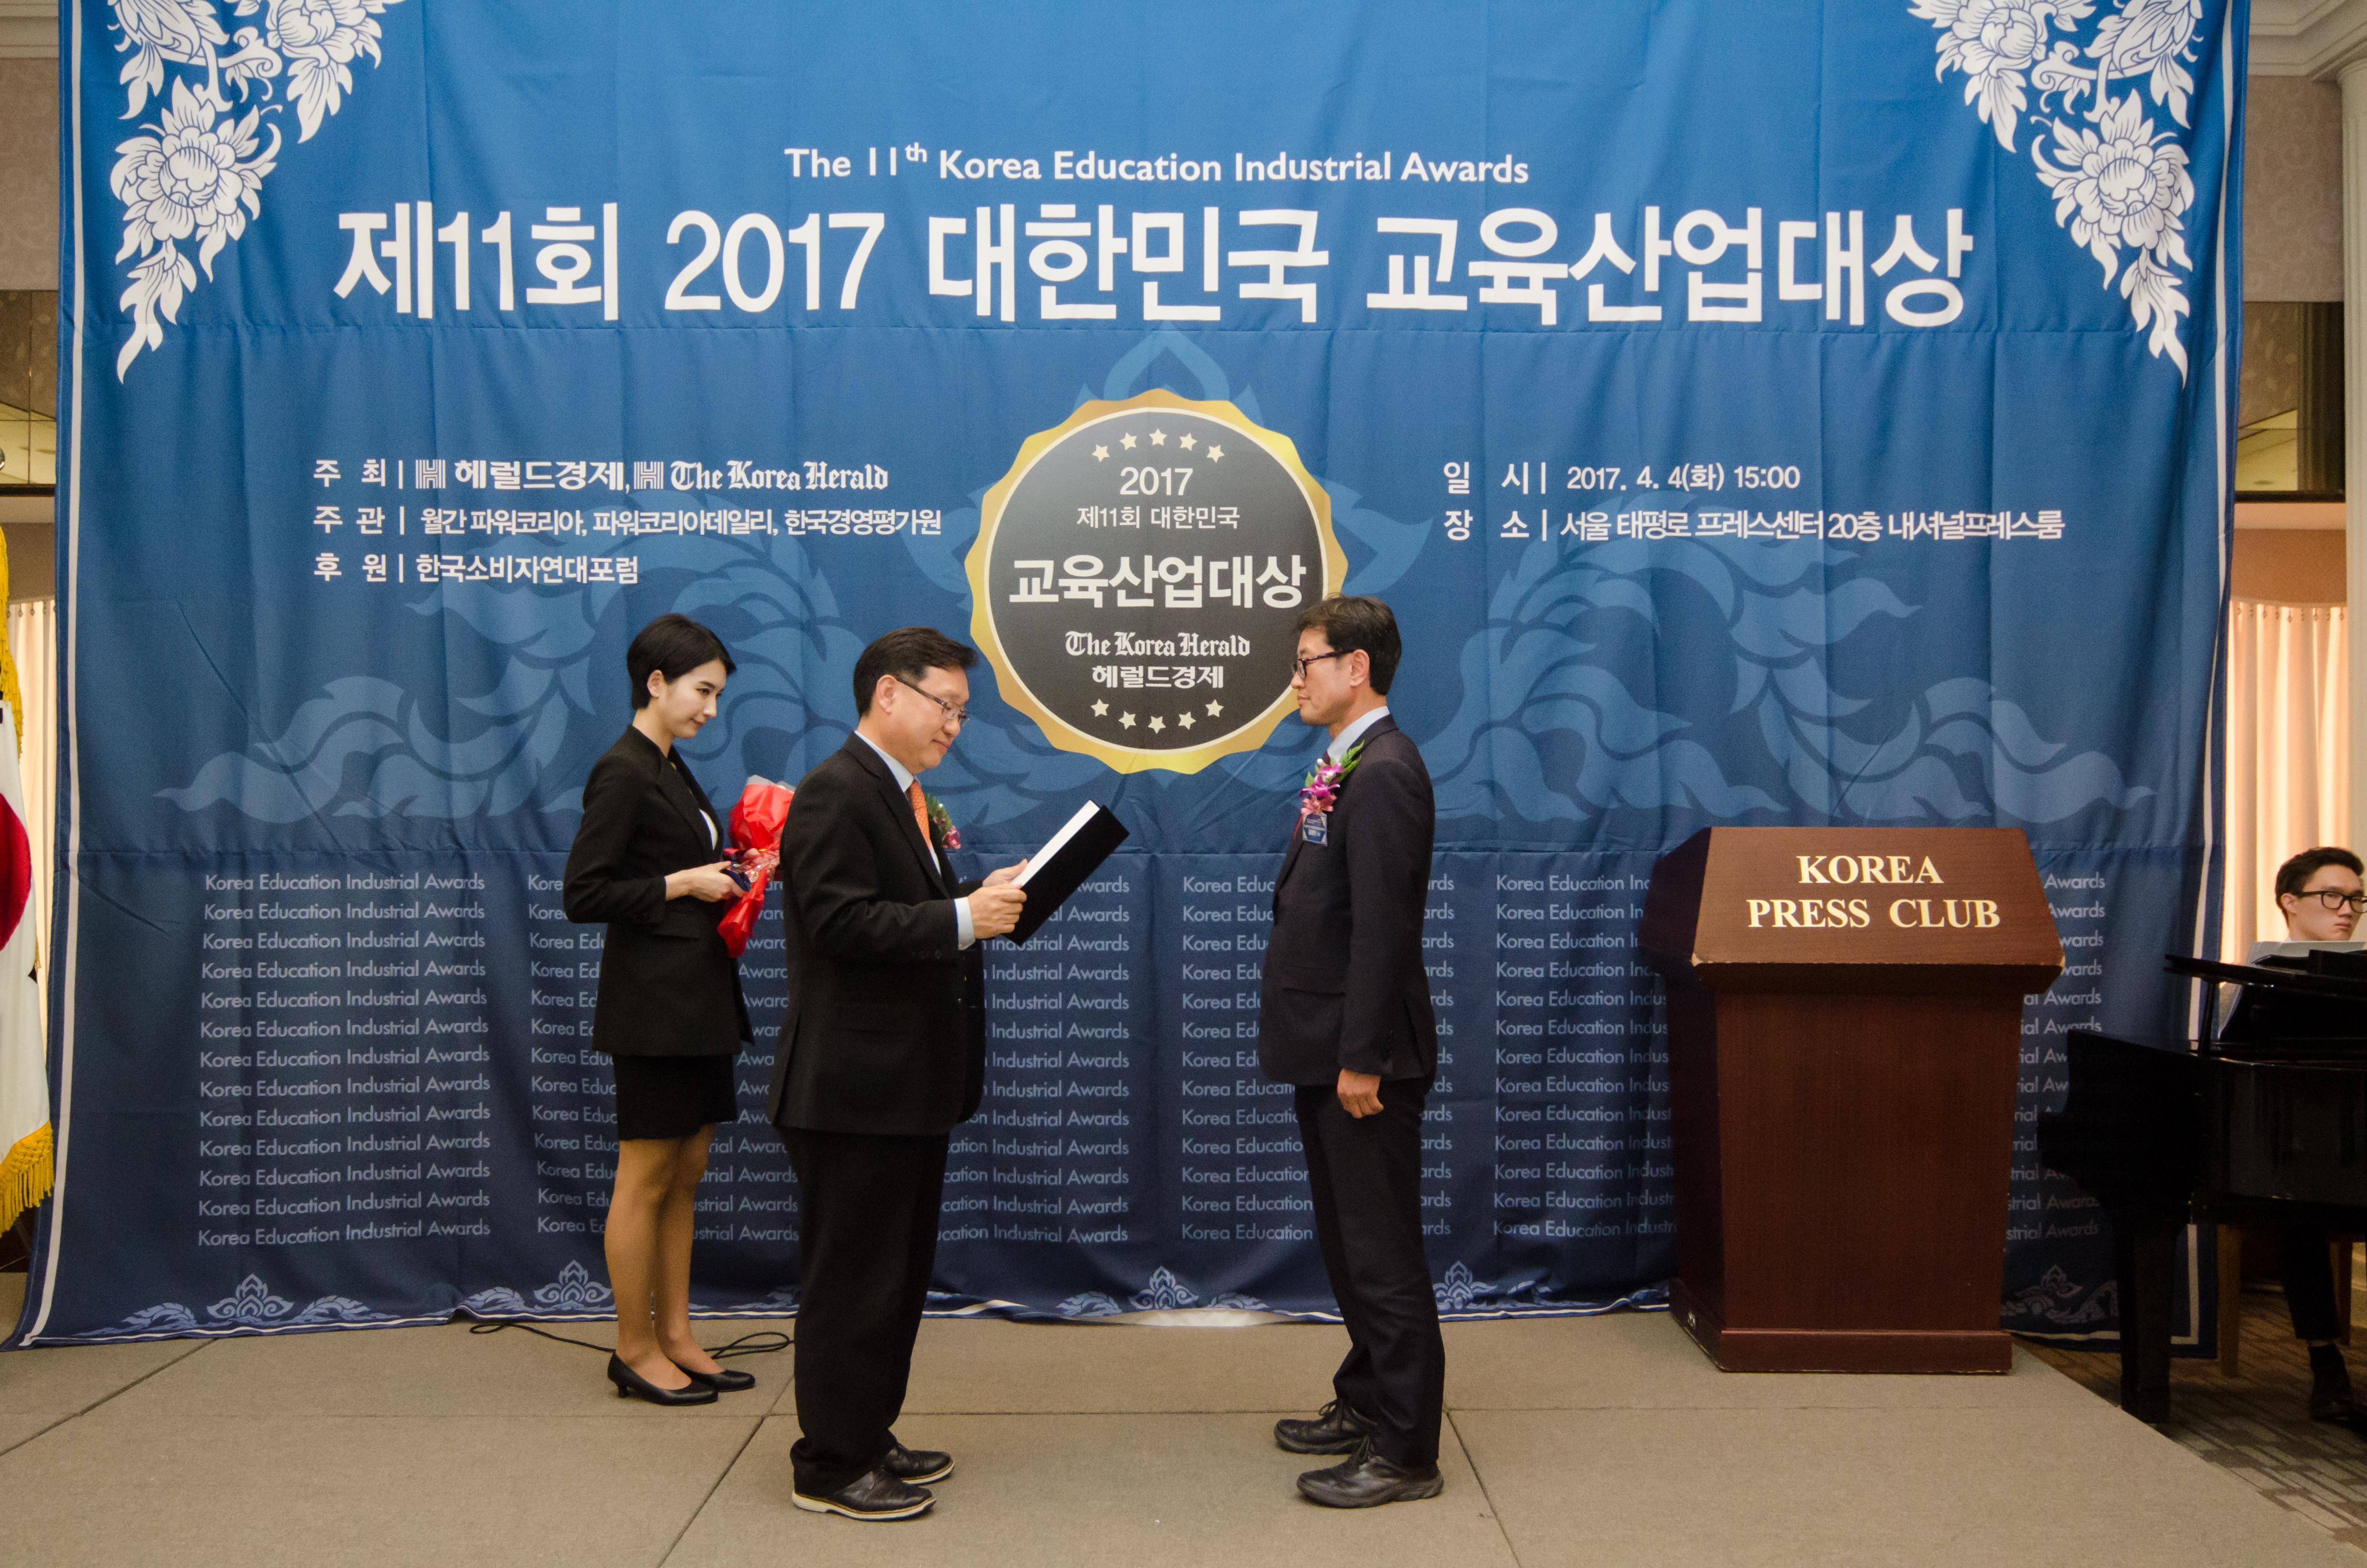 전남대학교 CORE사업단 '대한민국 교육산업대상' 수상